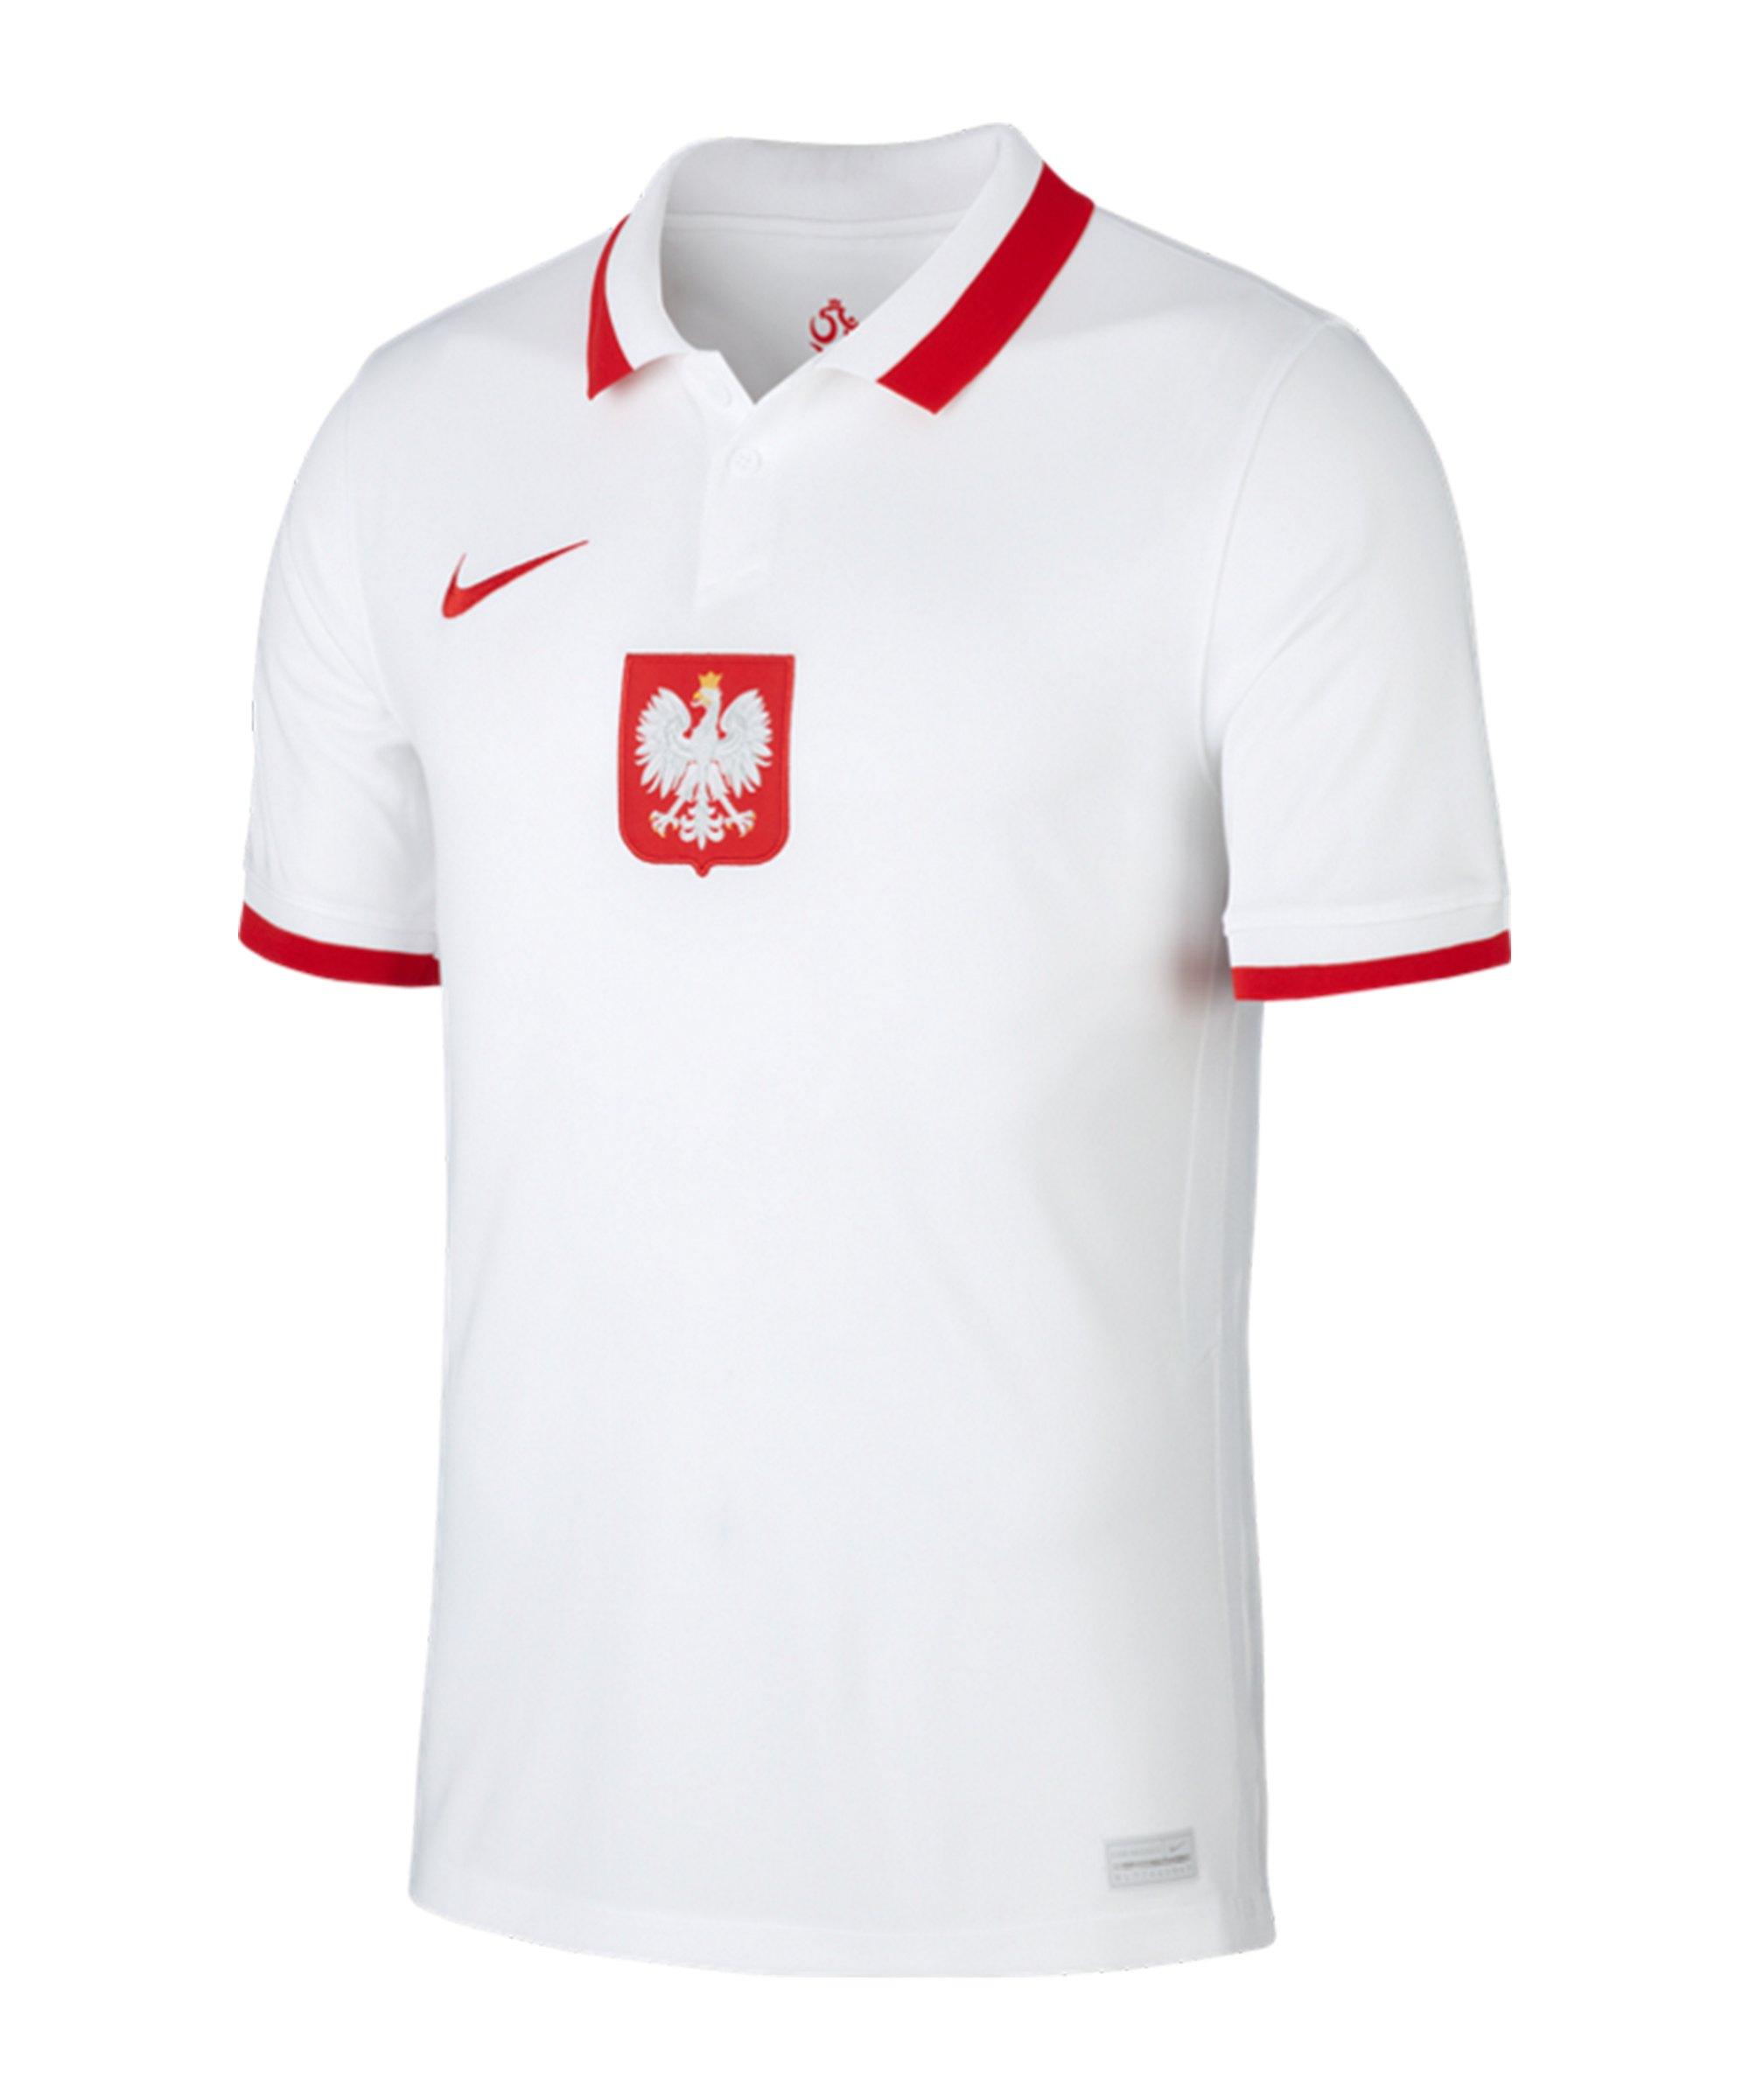 Nike Polen Trikot Home EM 2020 Weiss Rot F100 - weiss